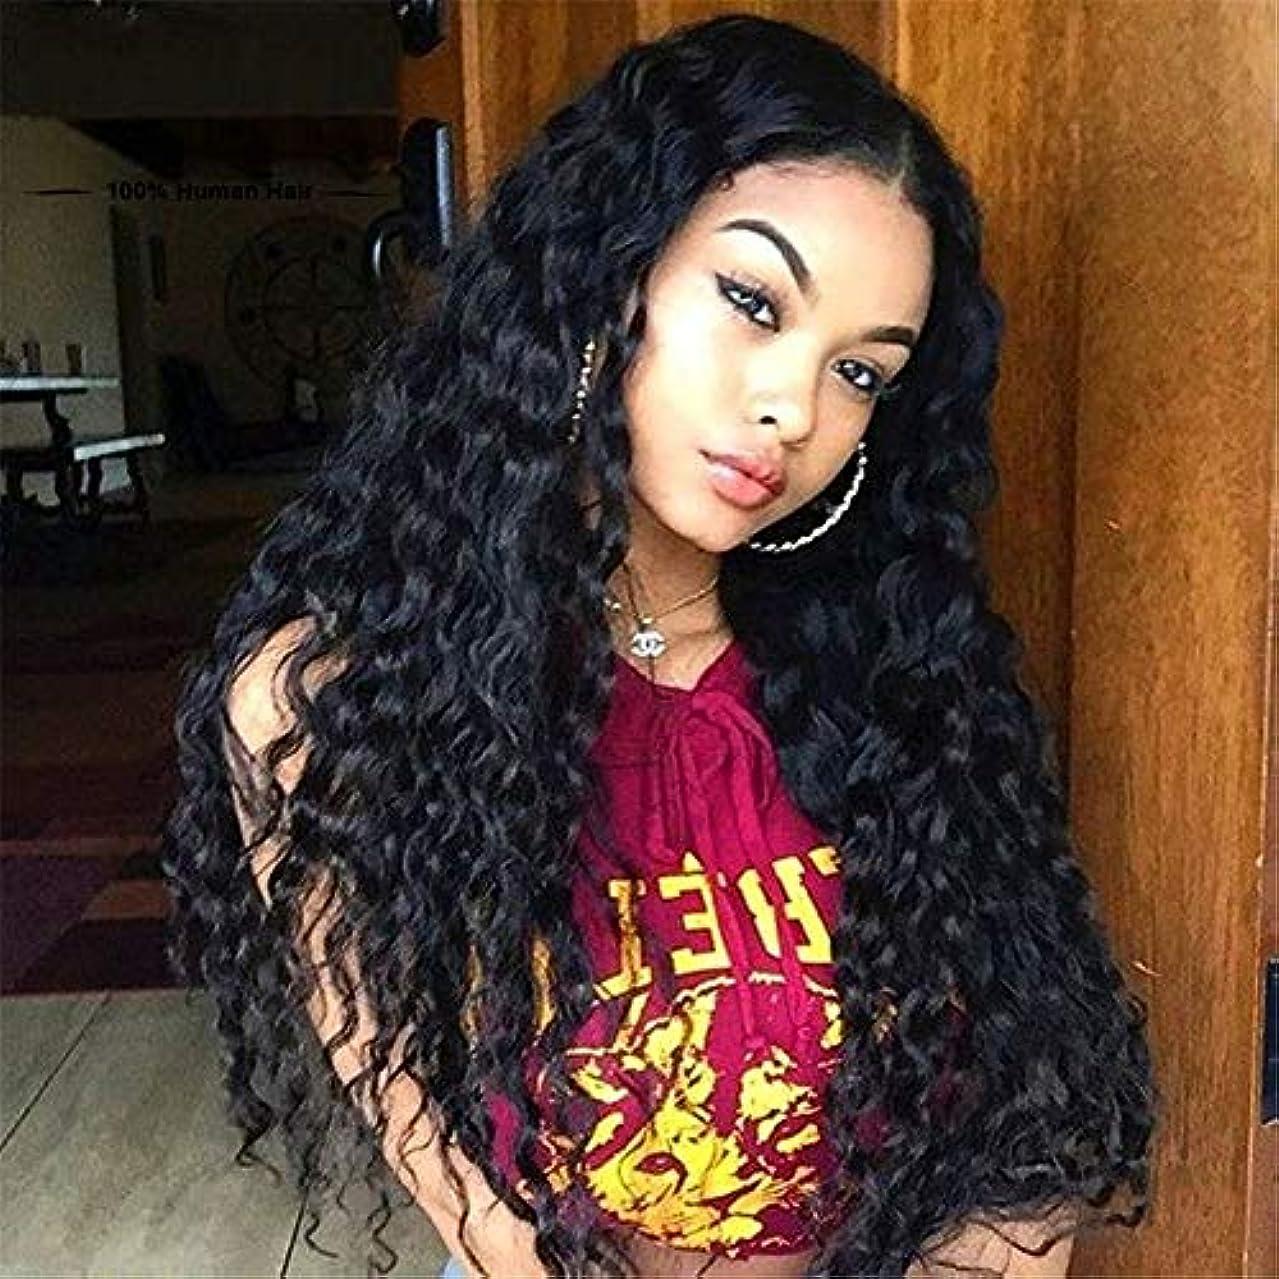 満州相続人予算かつら耐性カーリーカーリーヘアハイライトブラックゴールド女性日記メイク合成パーティーウィッグ21 ''ロールプレイ、ハロウィーンに適したカーリーカーリー人間の髪のかつら